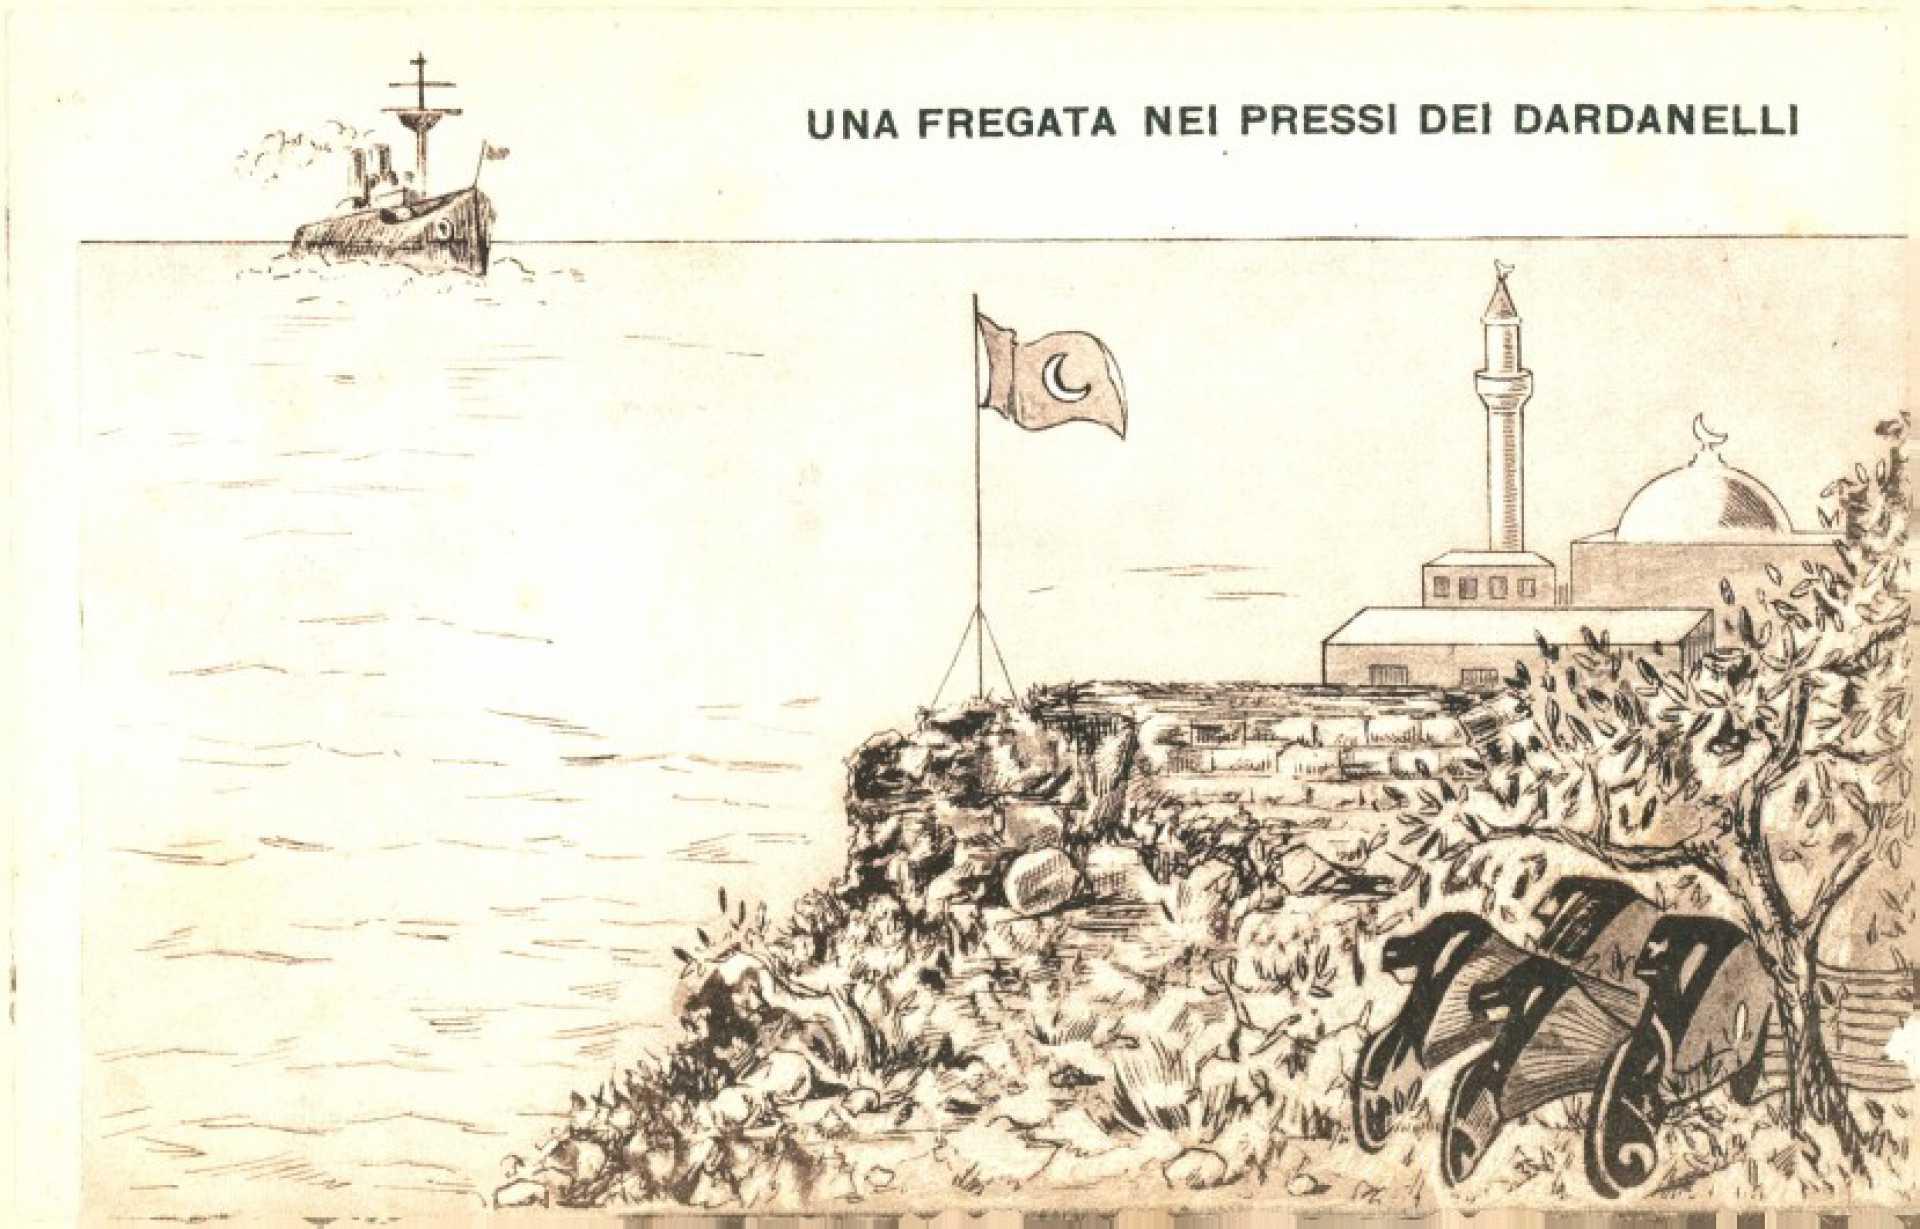 Una fregata nei pressi dei Dardanelli